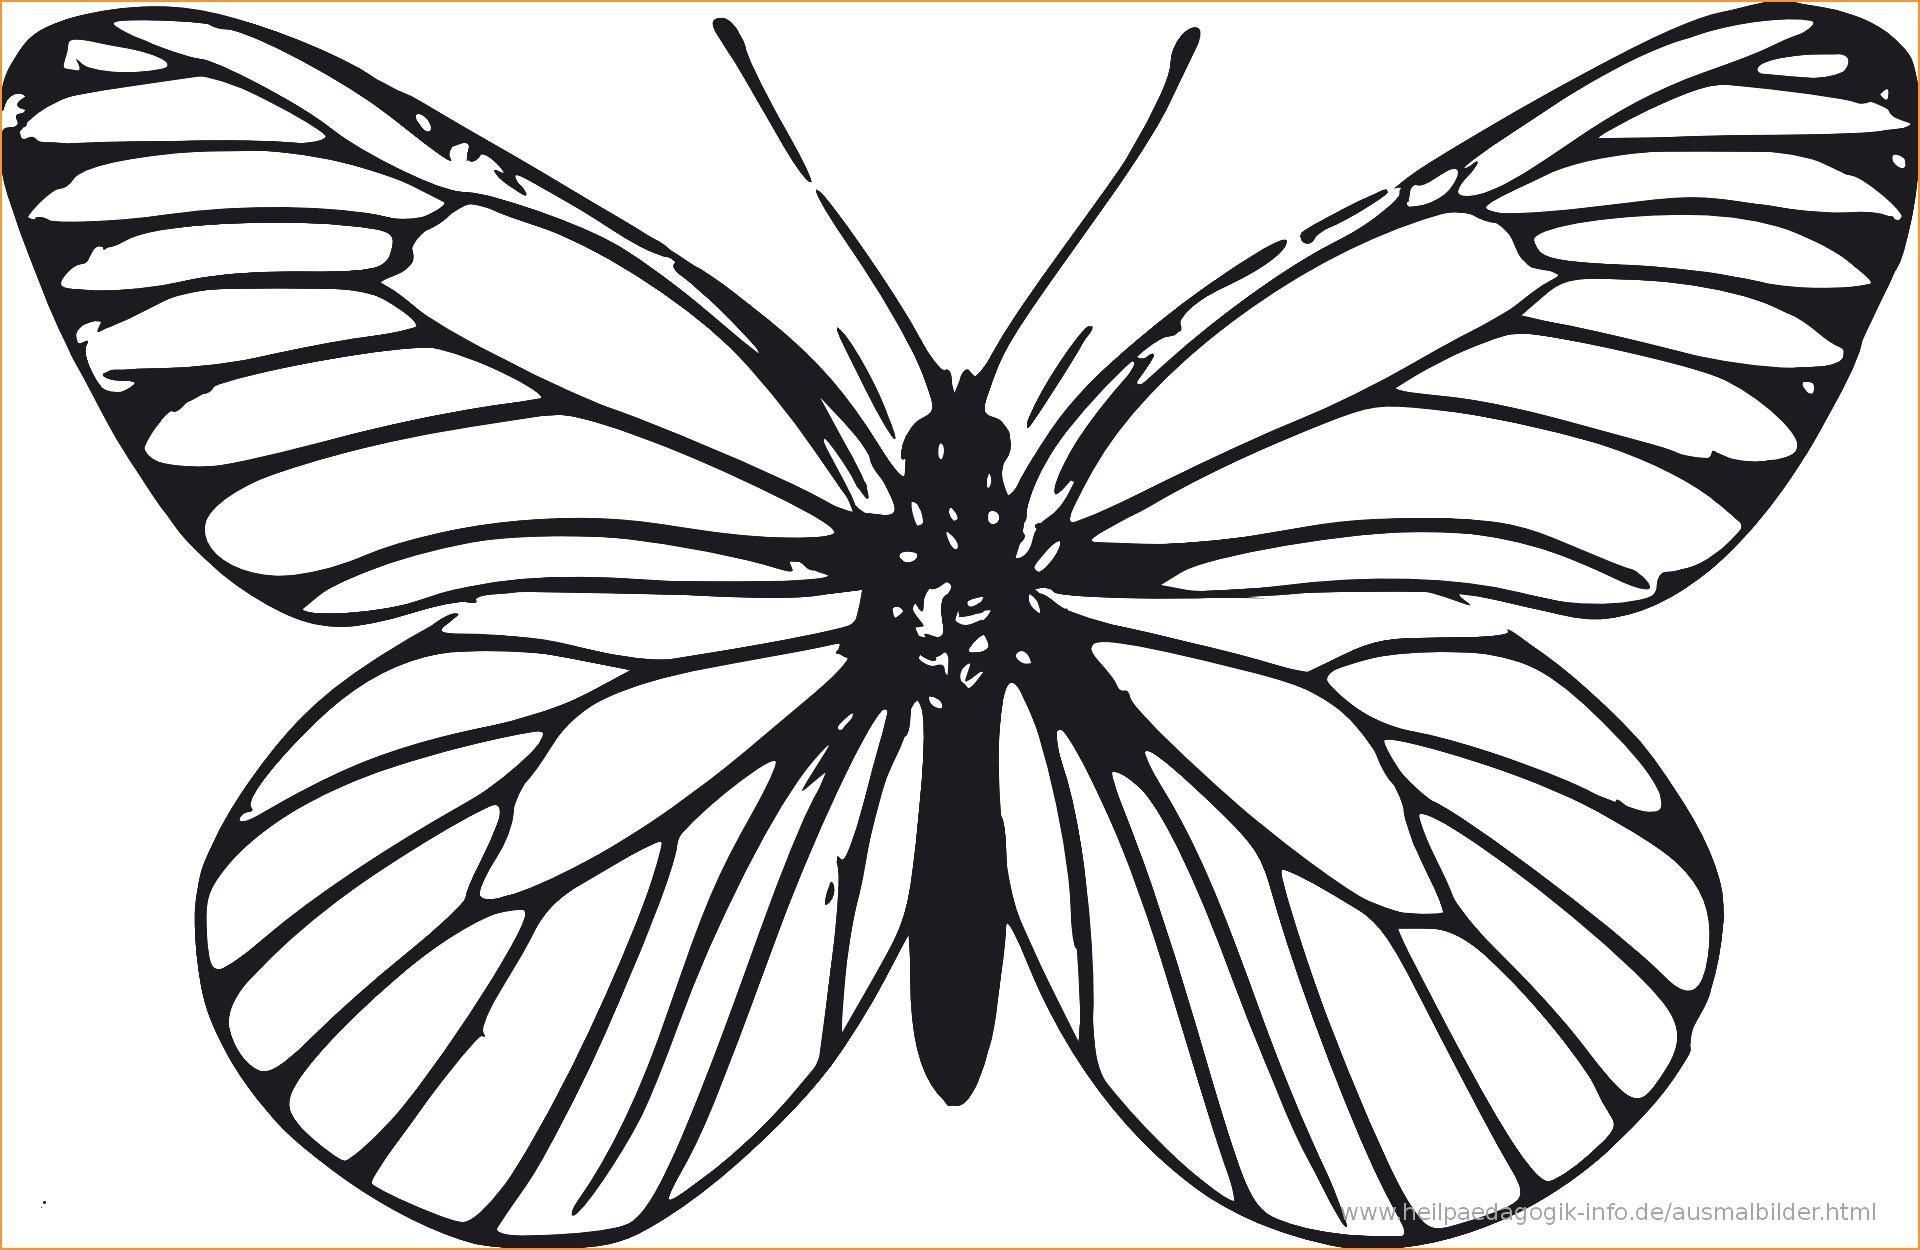 Schmetterlinge Bilder Zum Ausmalen Das Beste Von 40 Das Konzept Von Ausmalbilder Schmetterling Zum Ausdrucken Sammlung